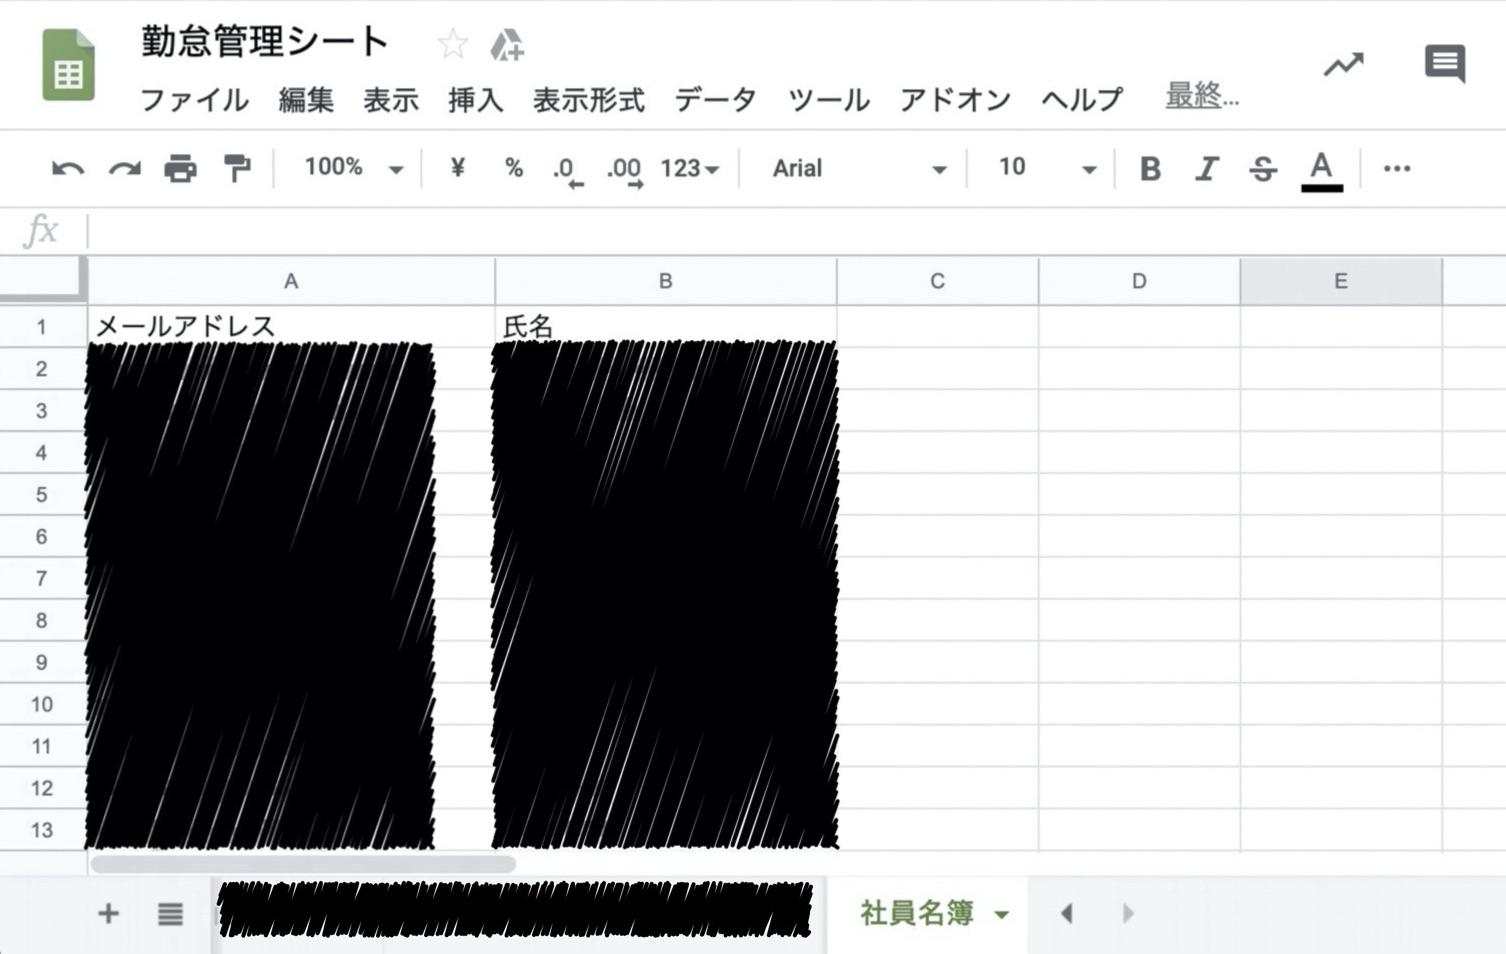 社員名簿シートのサンプル画像